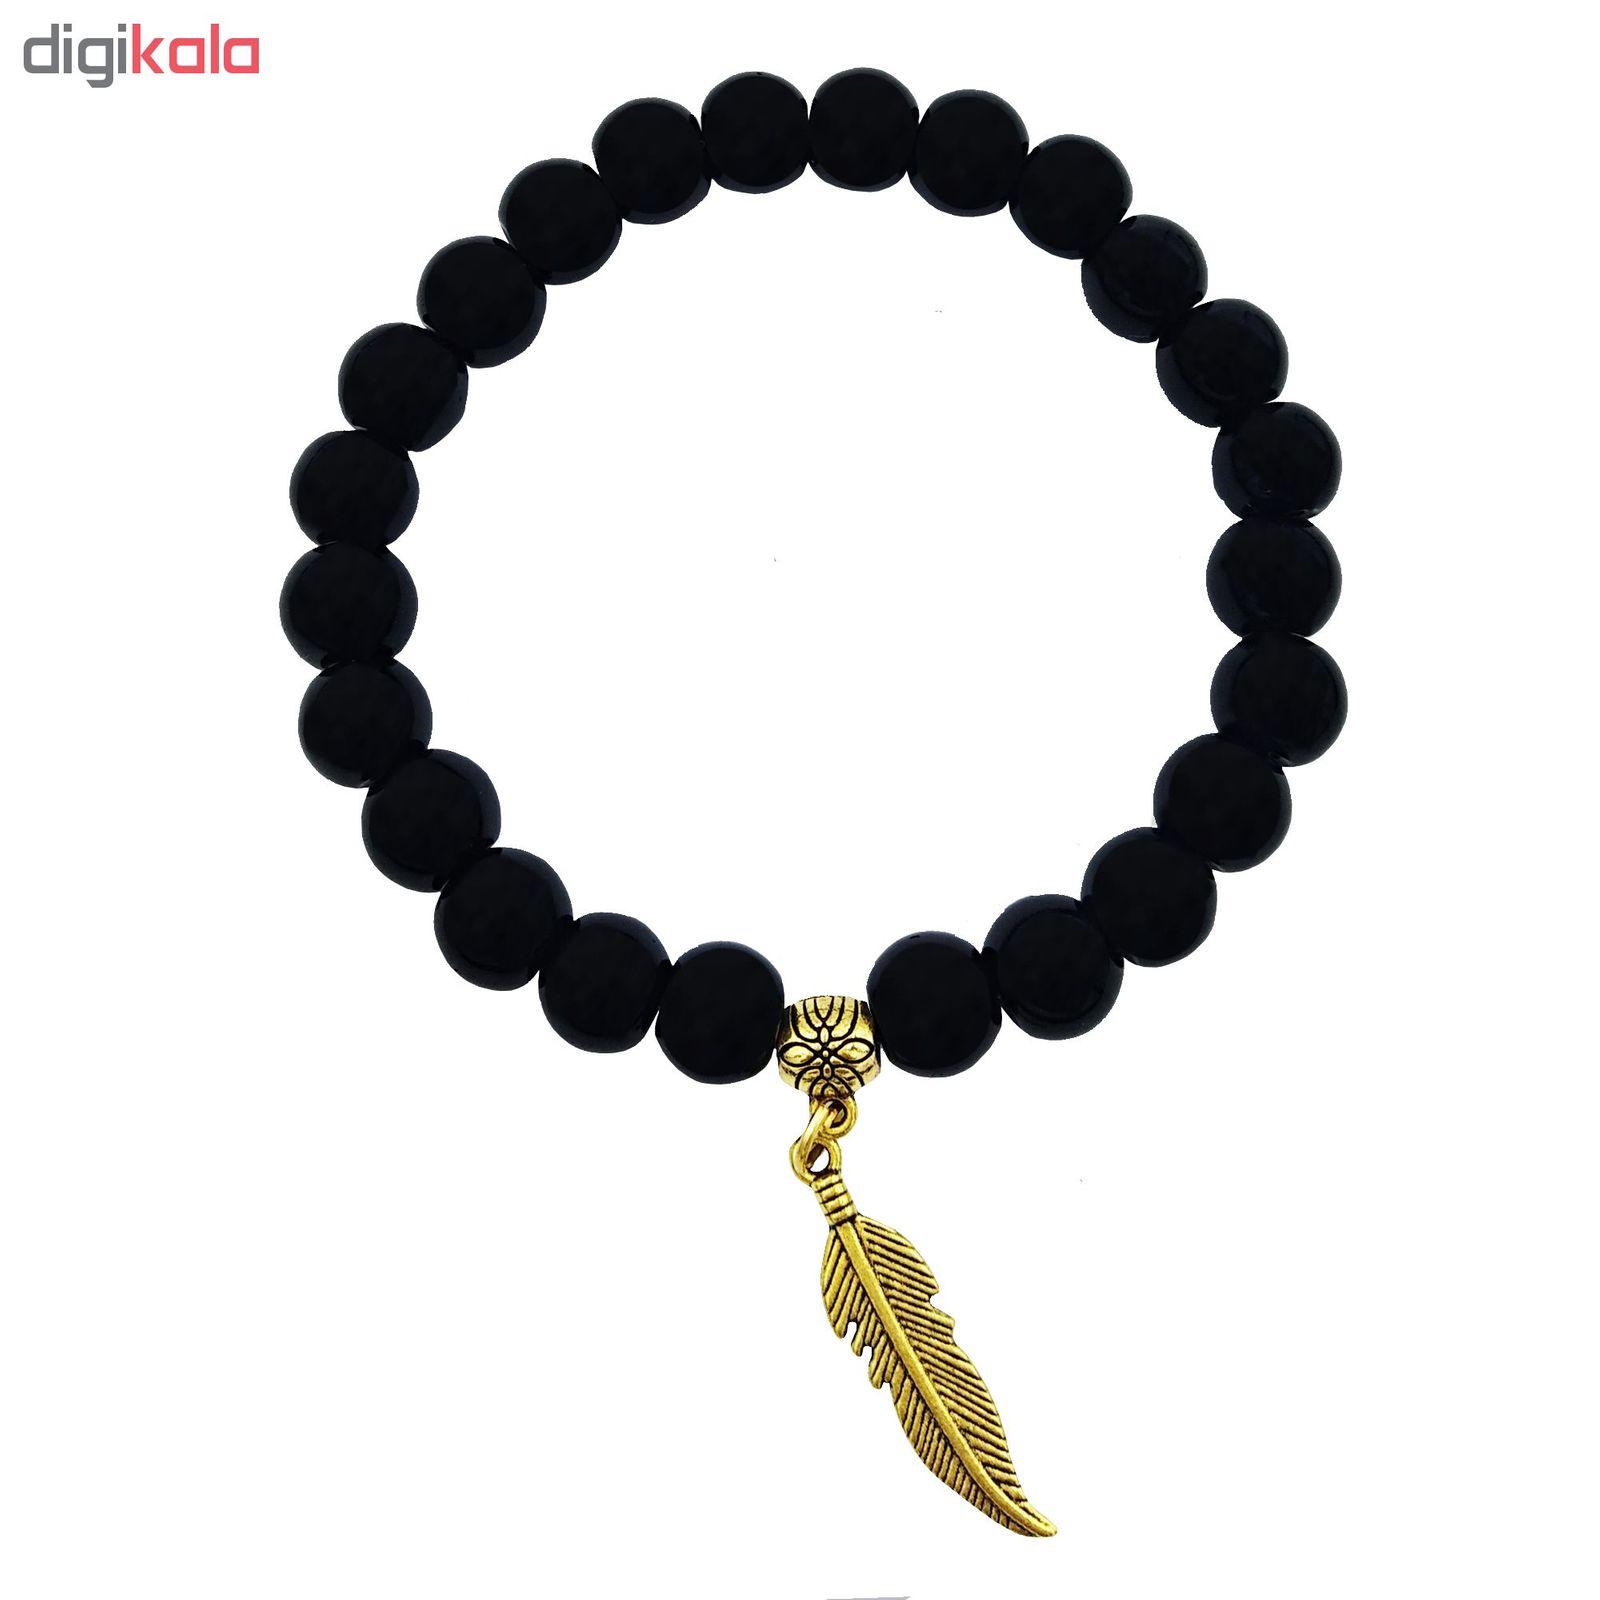 دستبند زنانه لاچو طرح پر کد P7 main 1 1